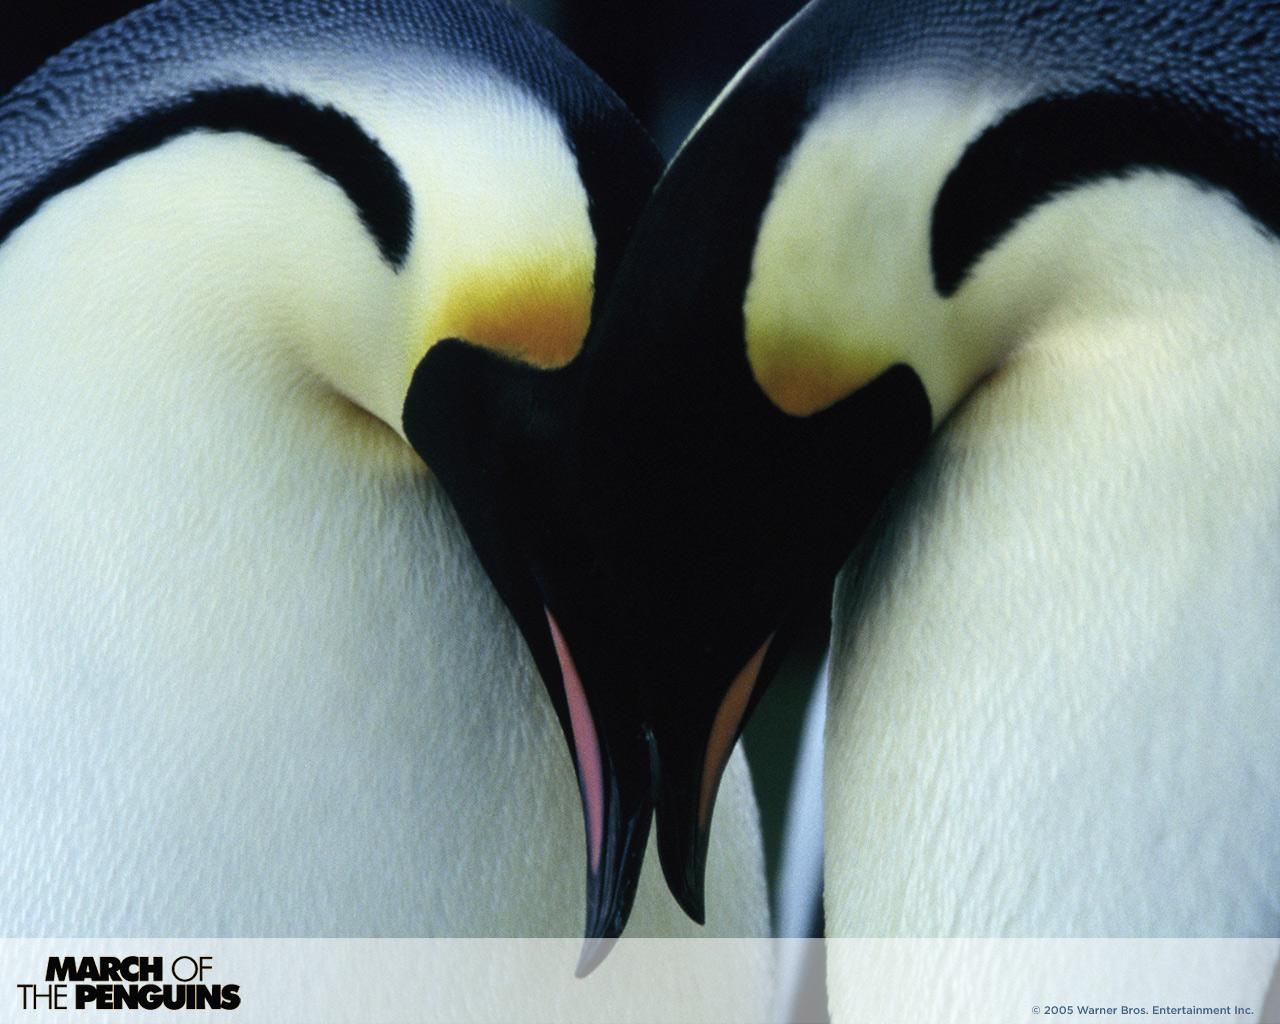 [Disneynature] La Marche de l'Empereur (2004) March-of-the-Penguins-WPs-penguins-157194_1280_1024